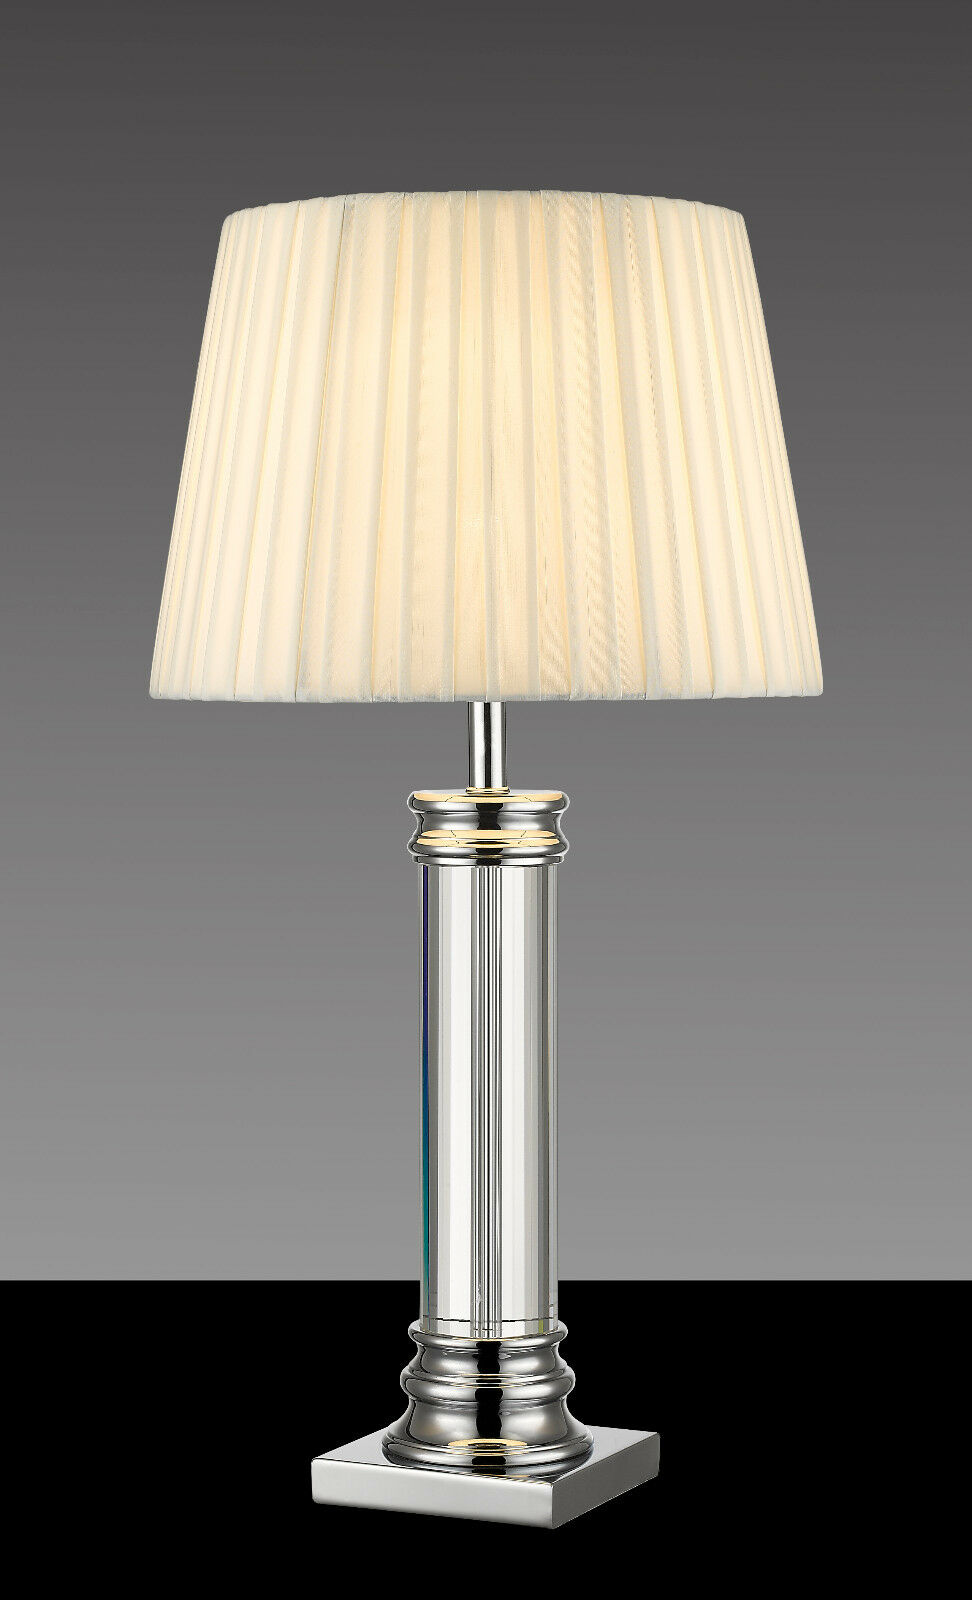 XXL Tischlampe Wohnzimmer K8 Kristallglas Fuß Kommoden Leuchte